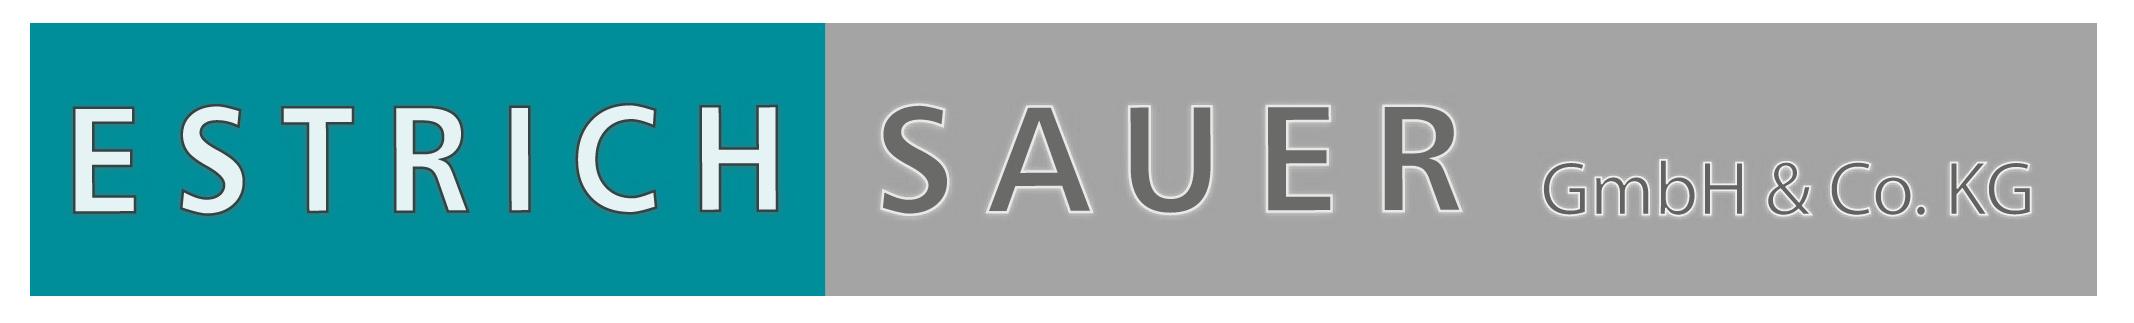 Estrich Sauer